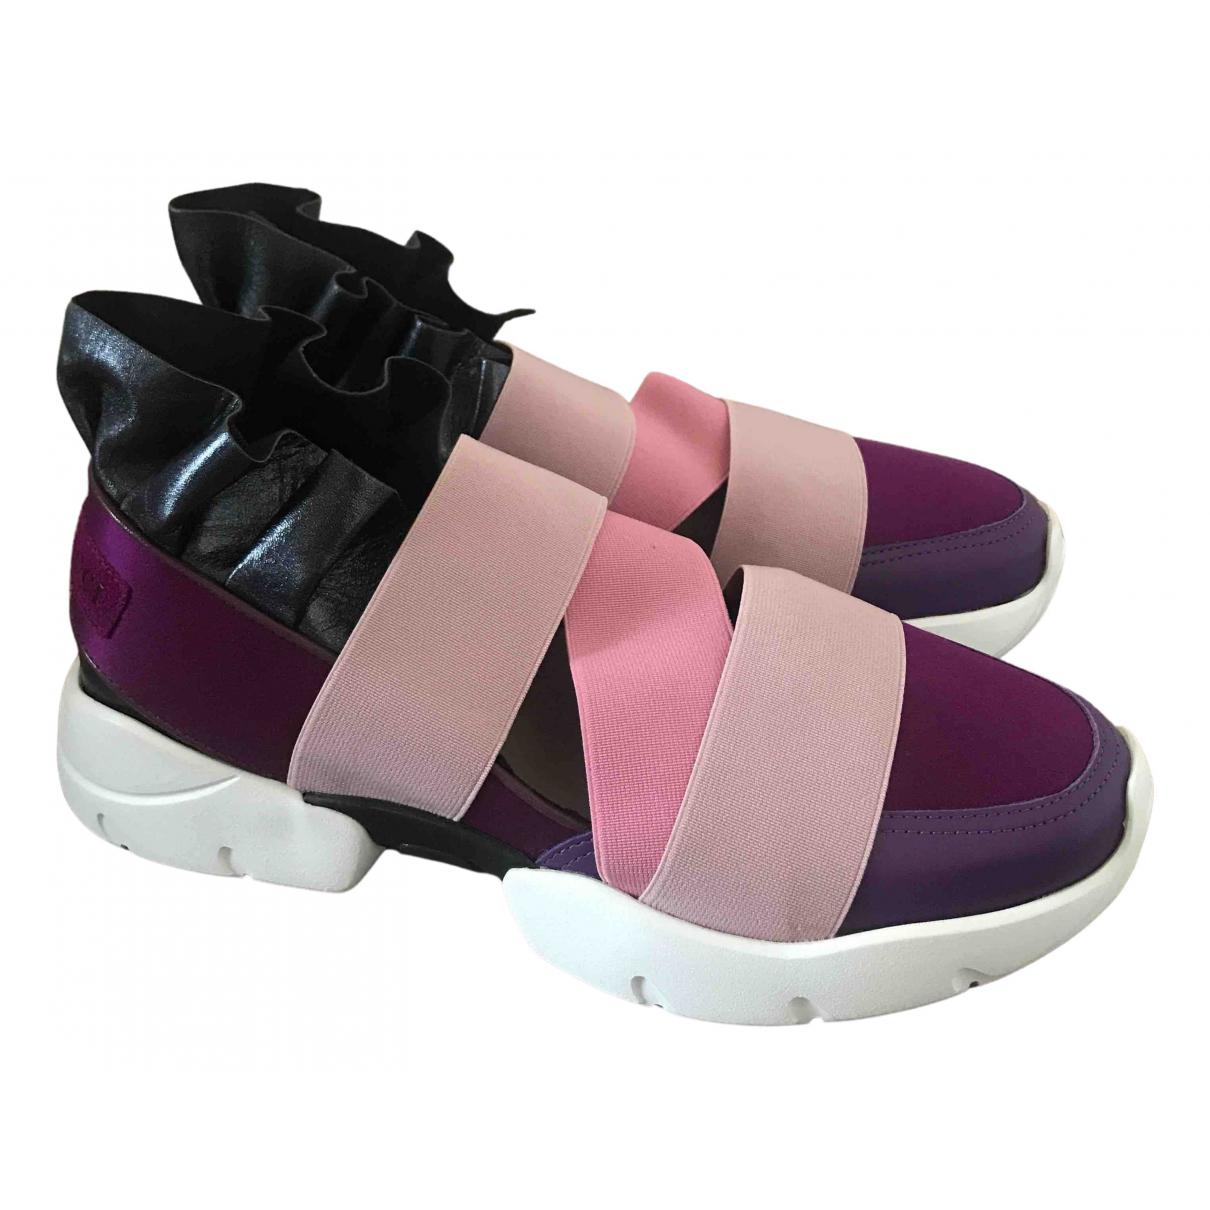 Emilio Pucci - Baskets   pour femme en toile - multicolore